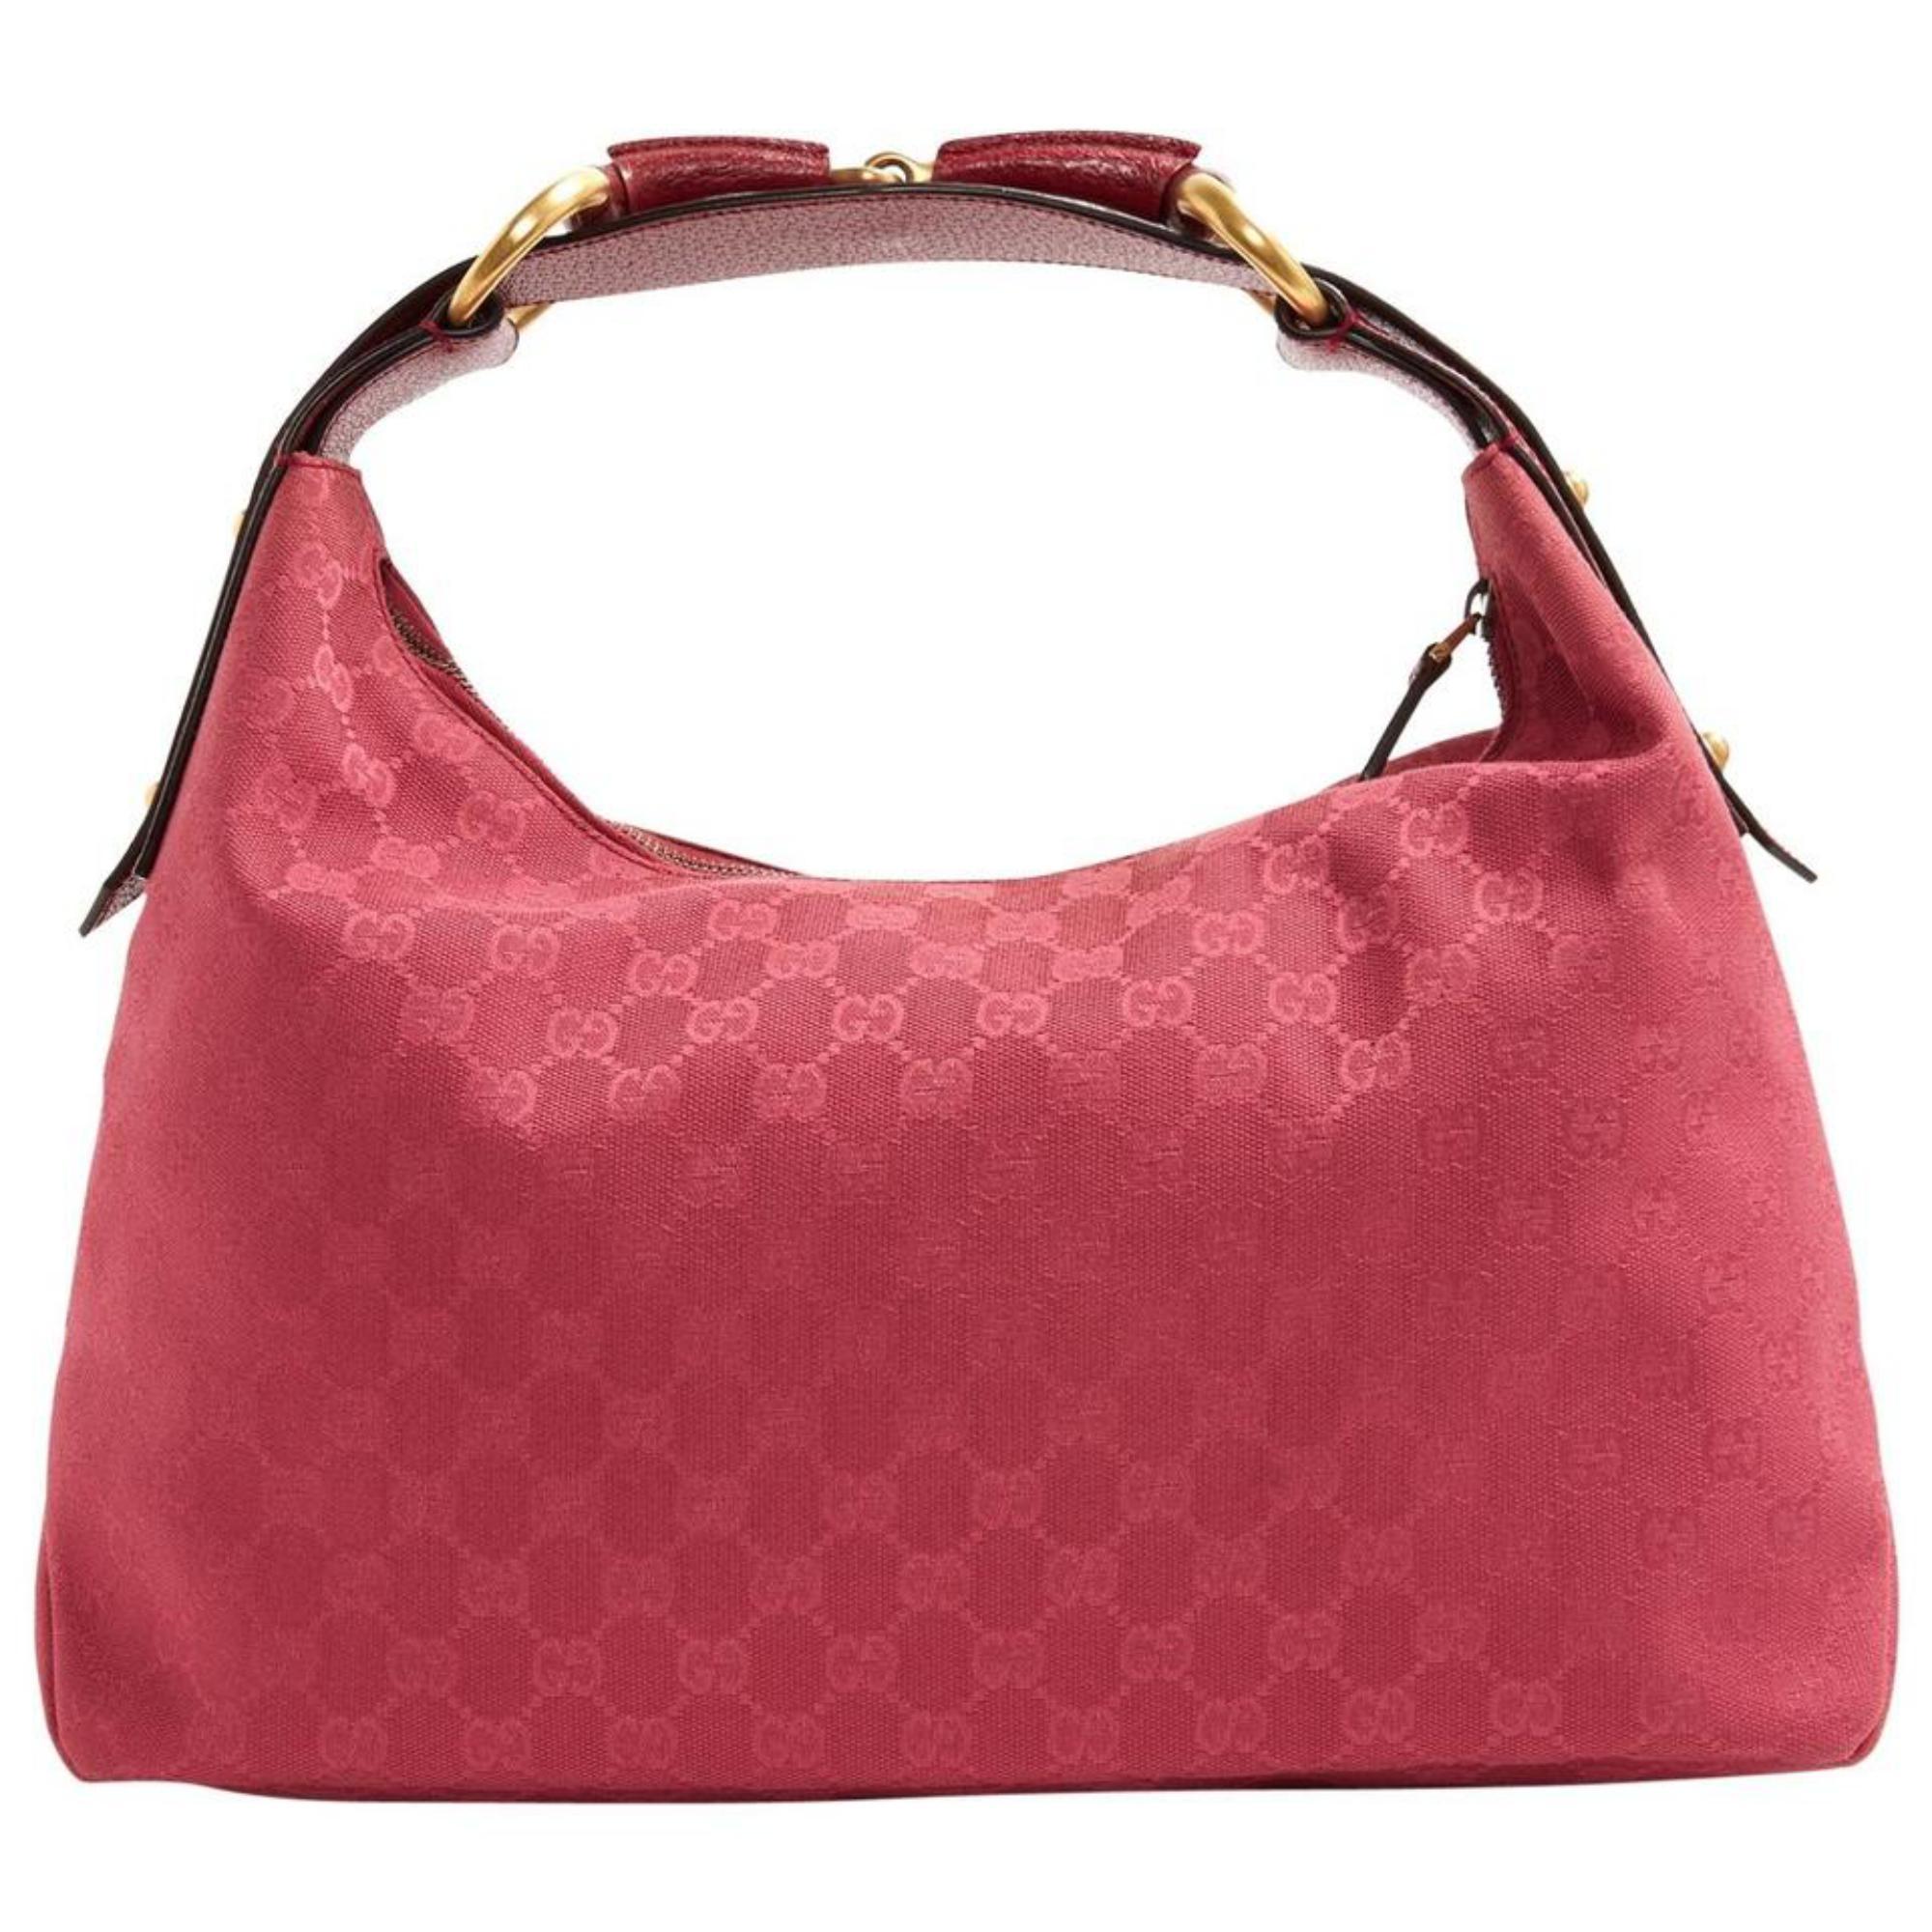 293417209f7e29 Vintage Gucci Shoulder Bags - 944 For Sale at 1stdibs